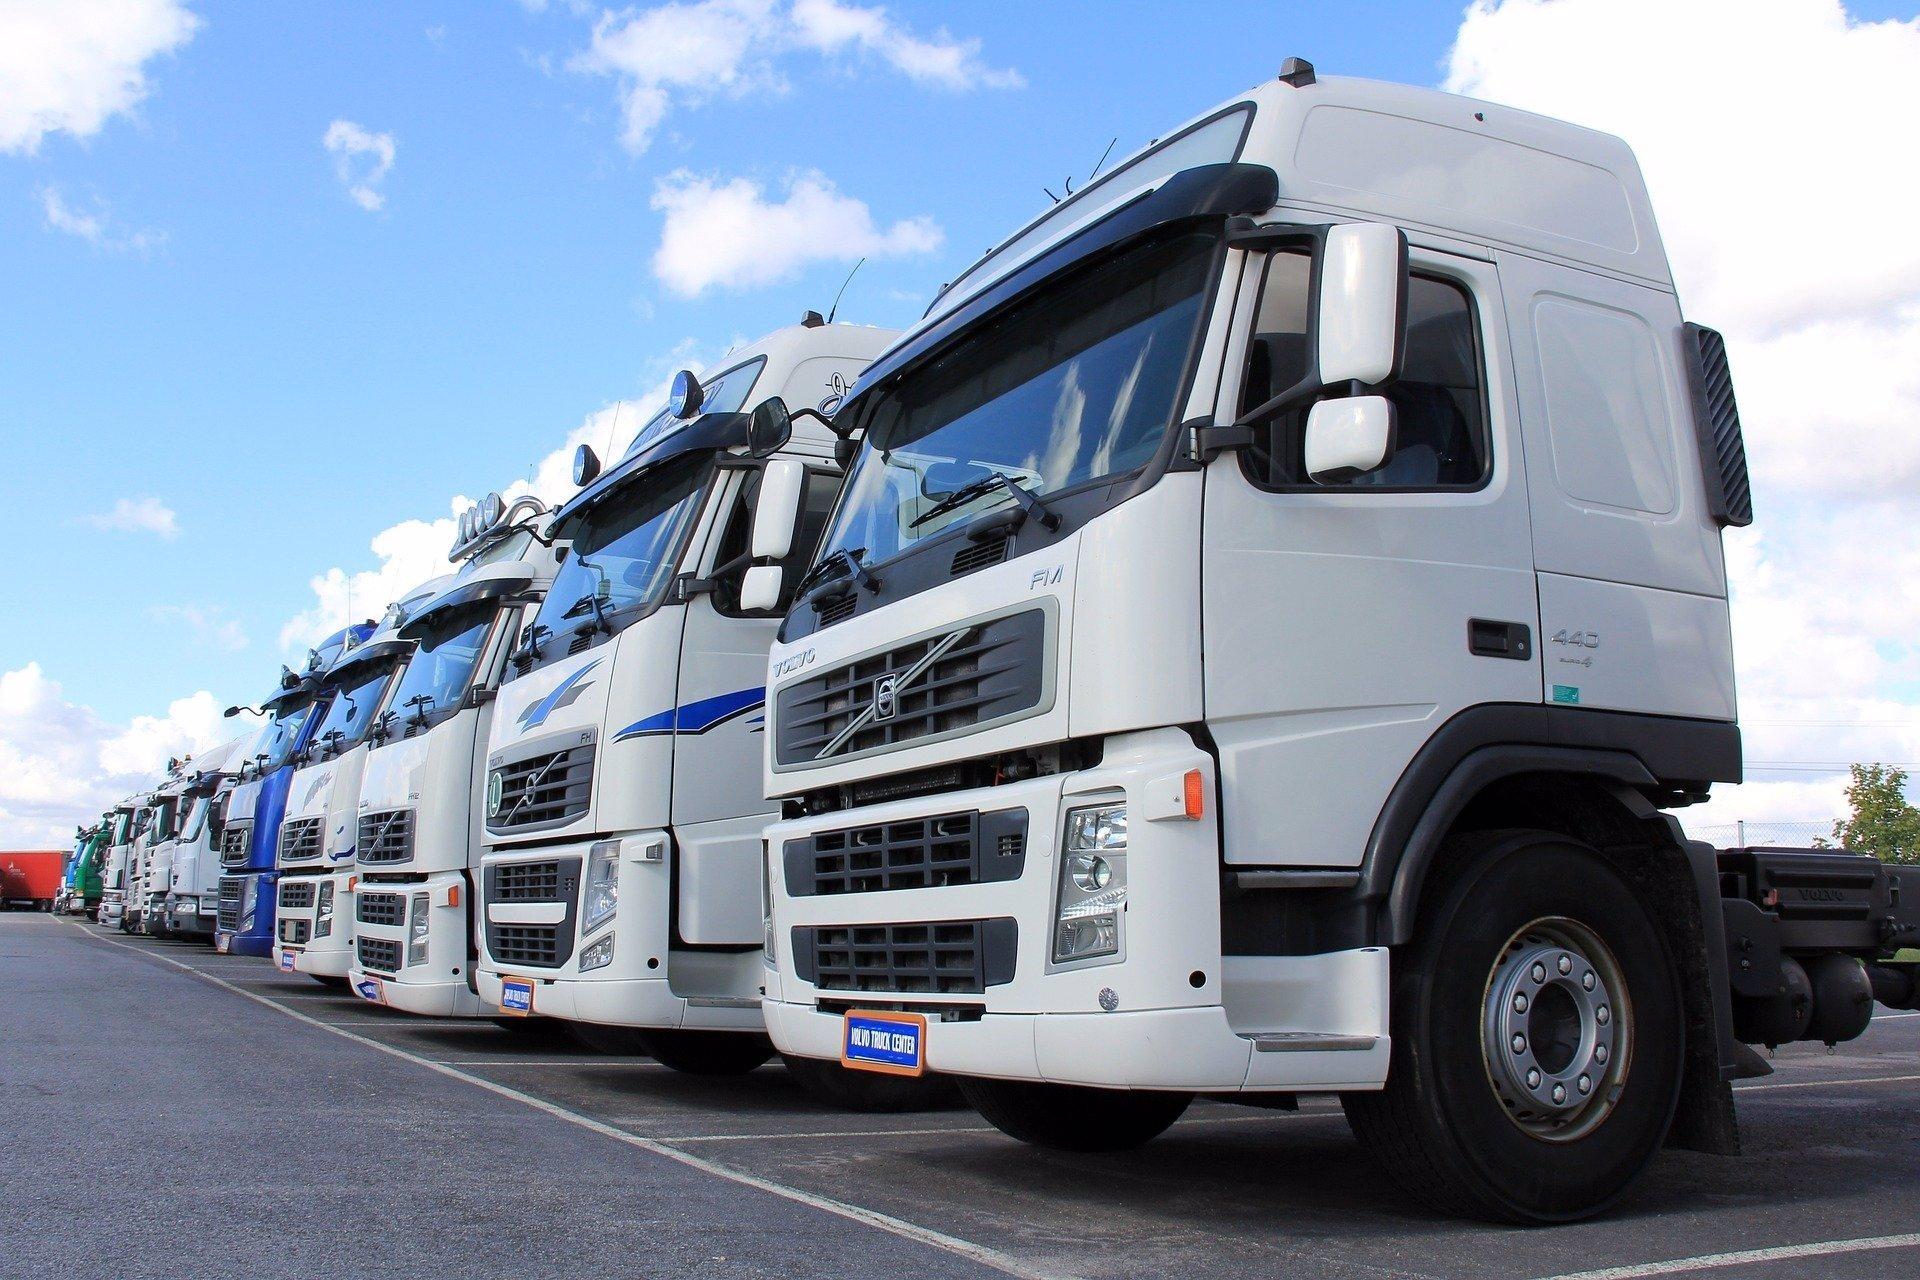 Los transportistas valencianos se muestran «muy enfadados» con el plan para aplicar peajes en las autovías